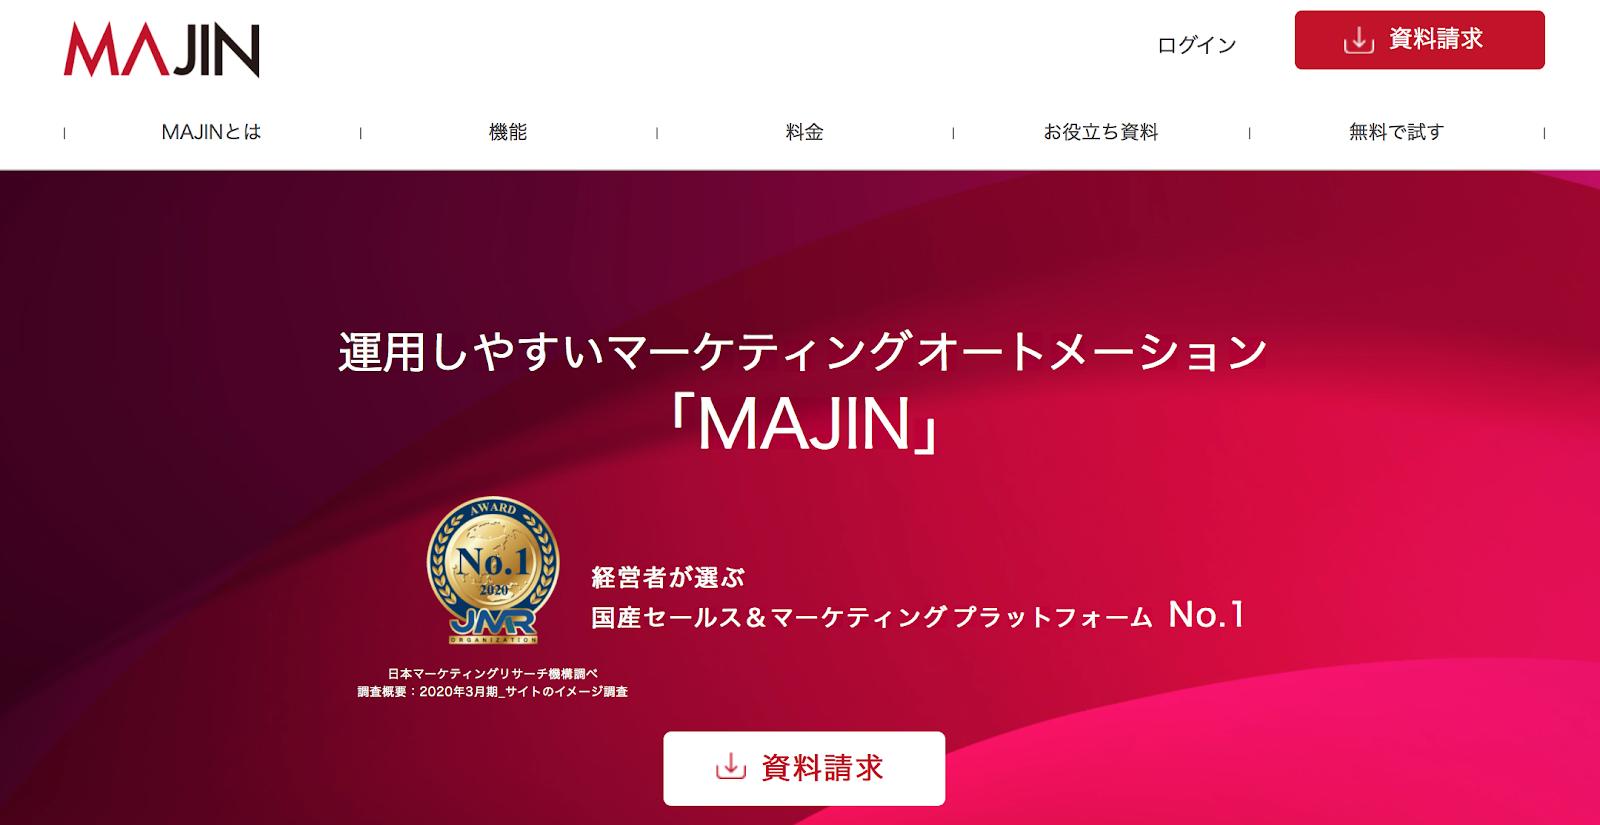 101_majin_1.png